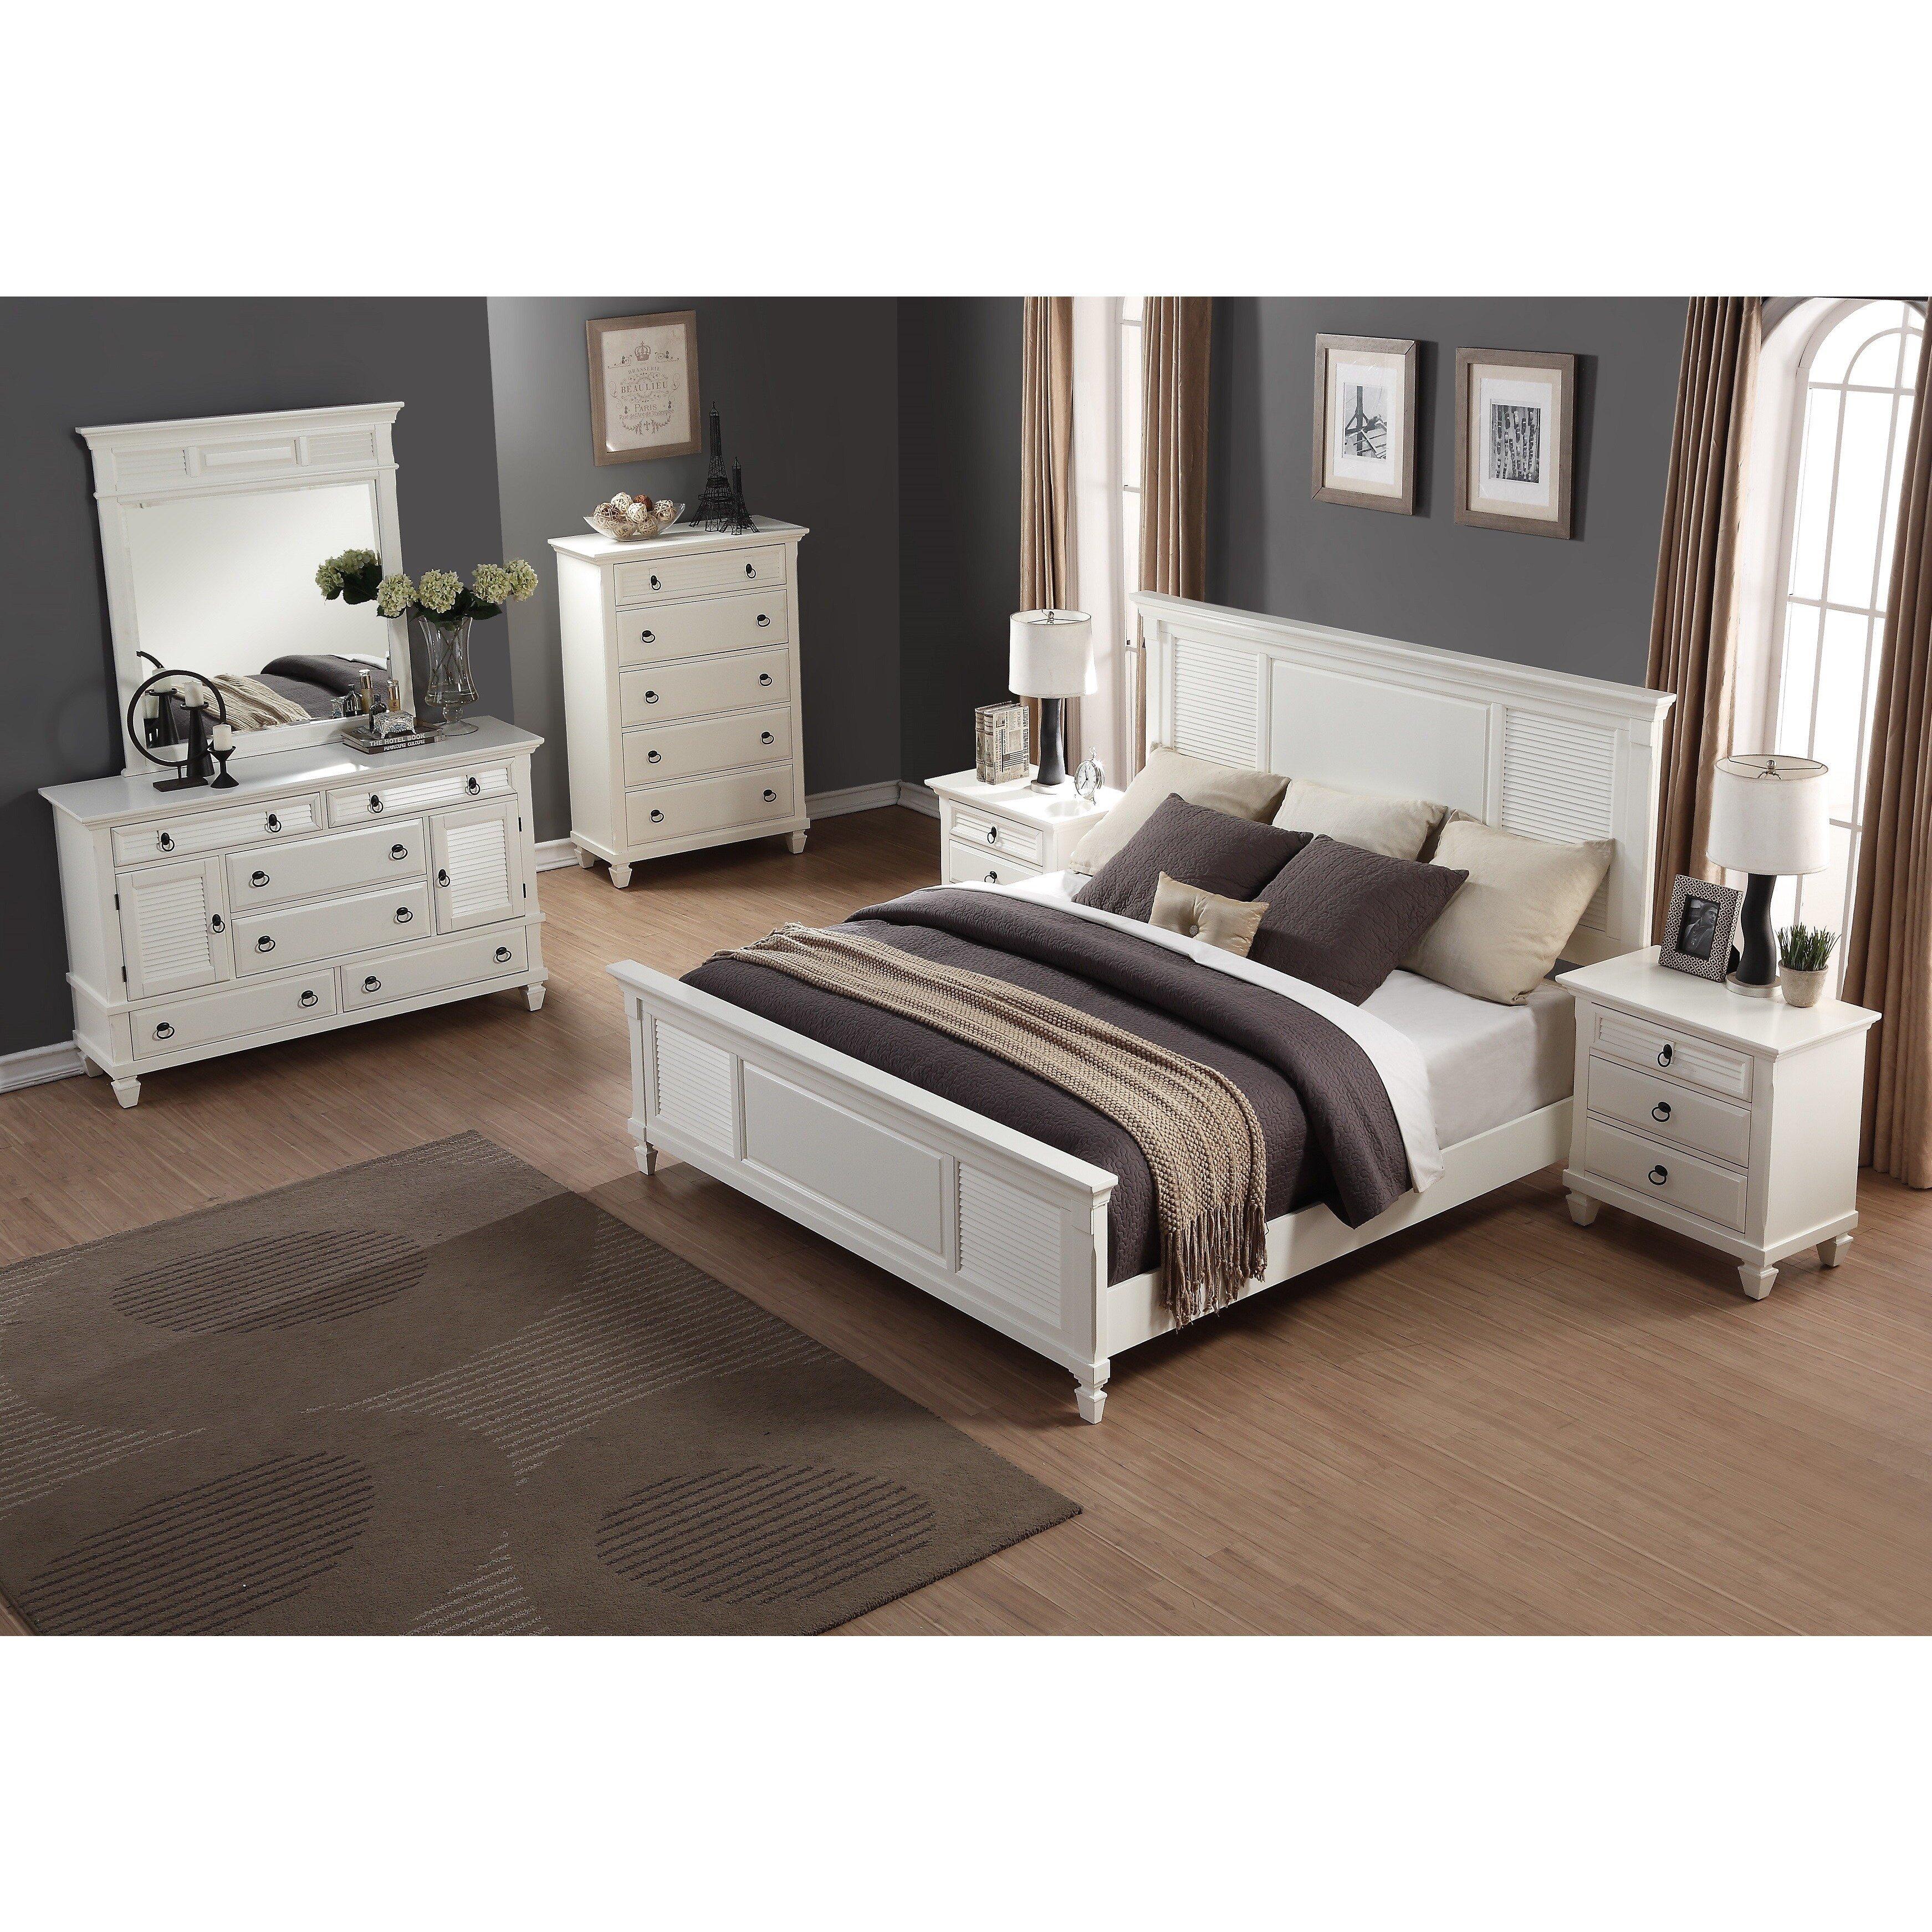 Mirrored Bedroom Furniture Set Unique Regitina White 6 Piece Queen Size Bedroom Furniture Set